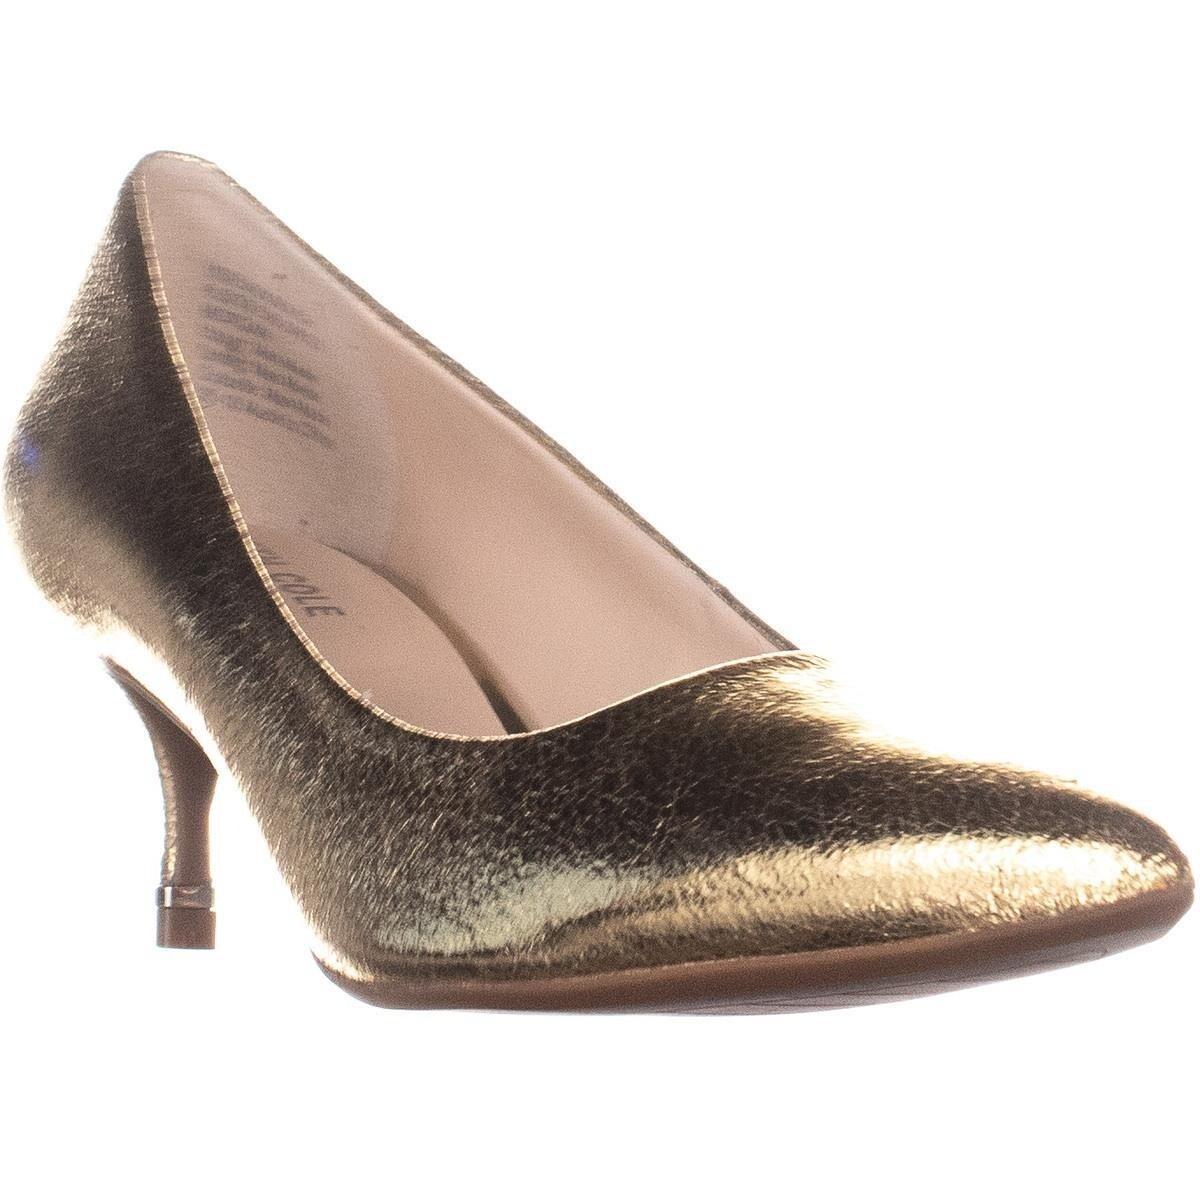 0efc213806a Shop Kenneth Cole Morgan Kitten Heels